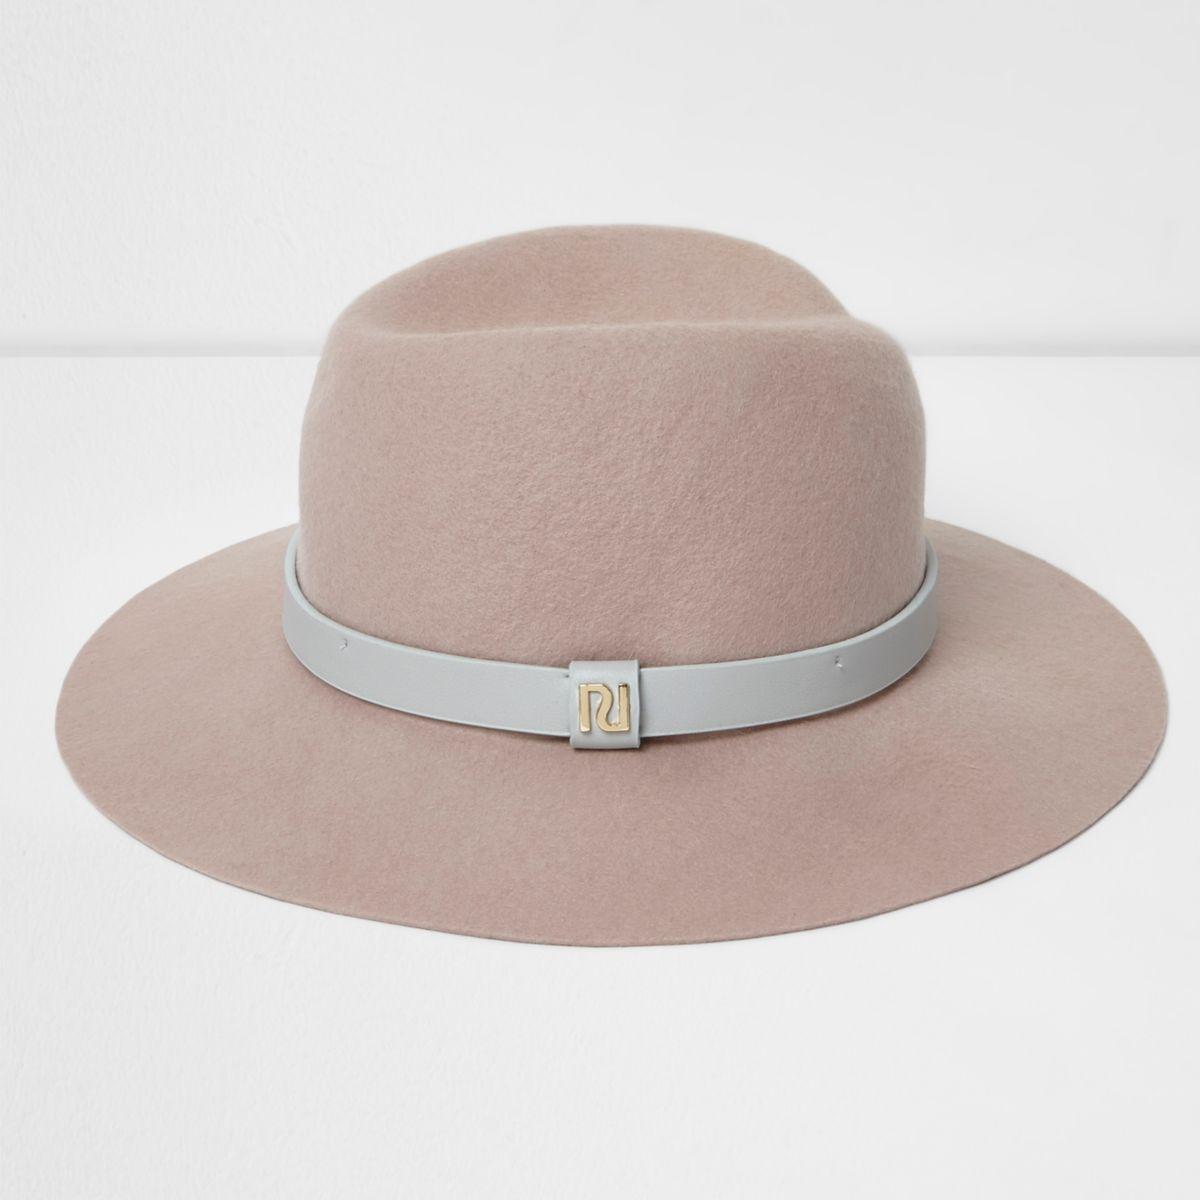 Light pink wide brim fedora hat